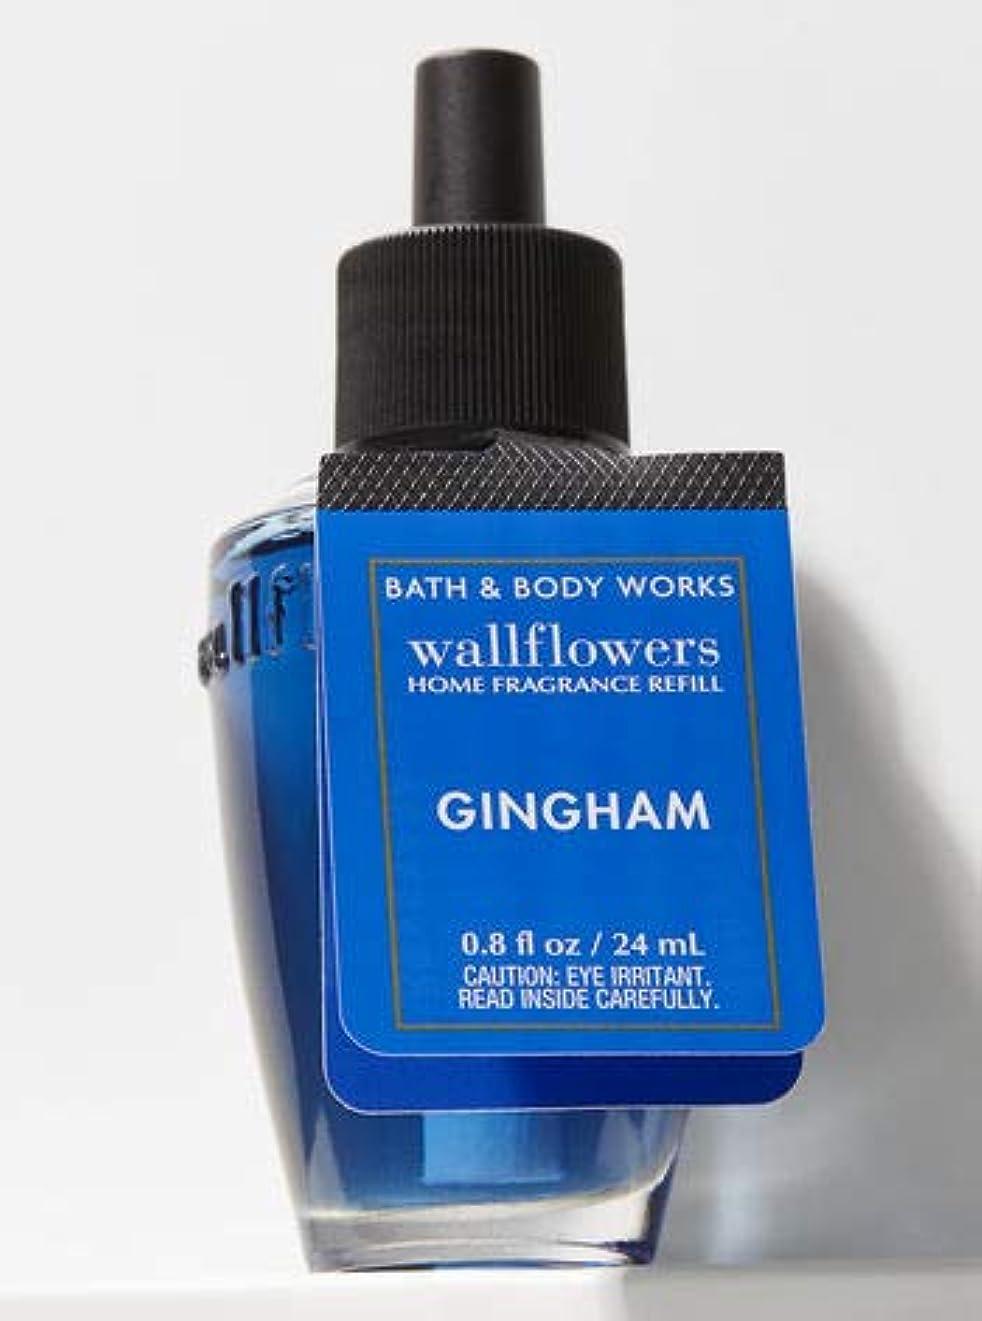 害達成する労働者【Bath&Body Works/バス&ボディワークス】 ルームフレグランス 詰替えリフィル ギンガム Wallflowers Home Fragrance Refill Gingham [並行輸入品]